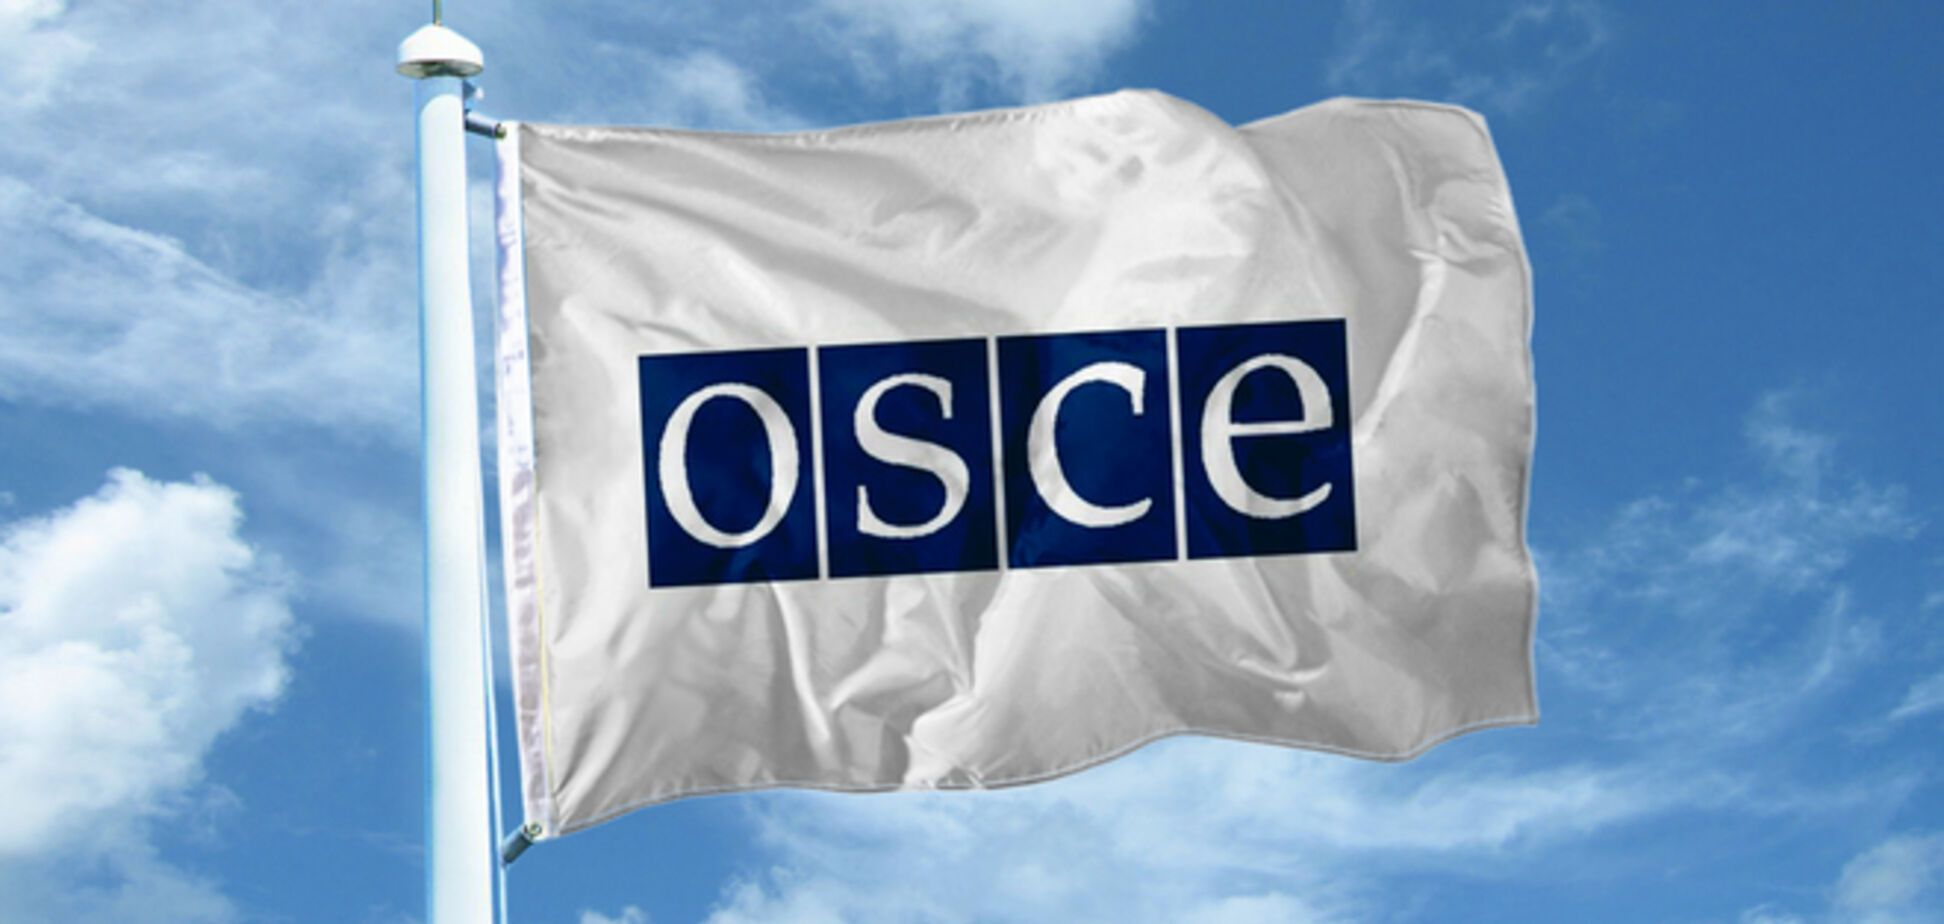 ОБСЄ призначила свого парламентера з України